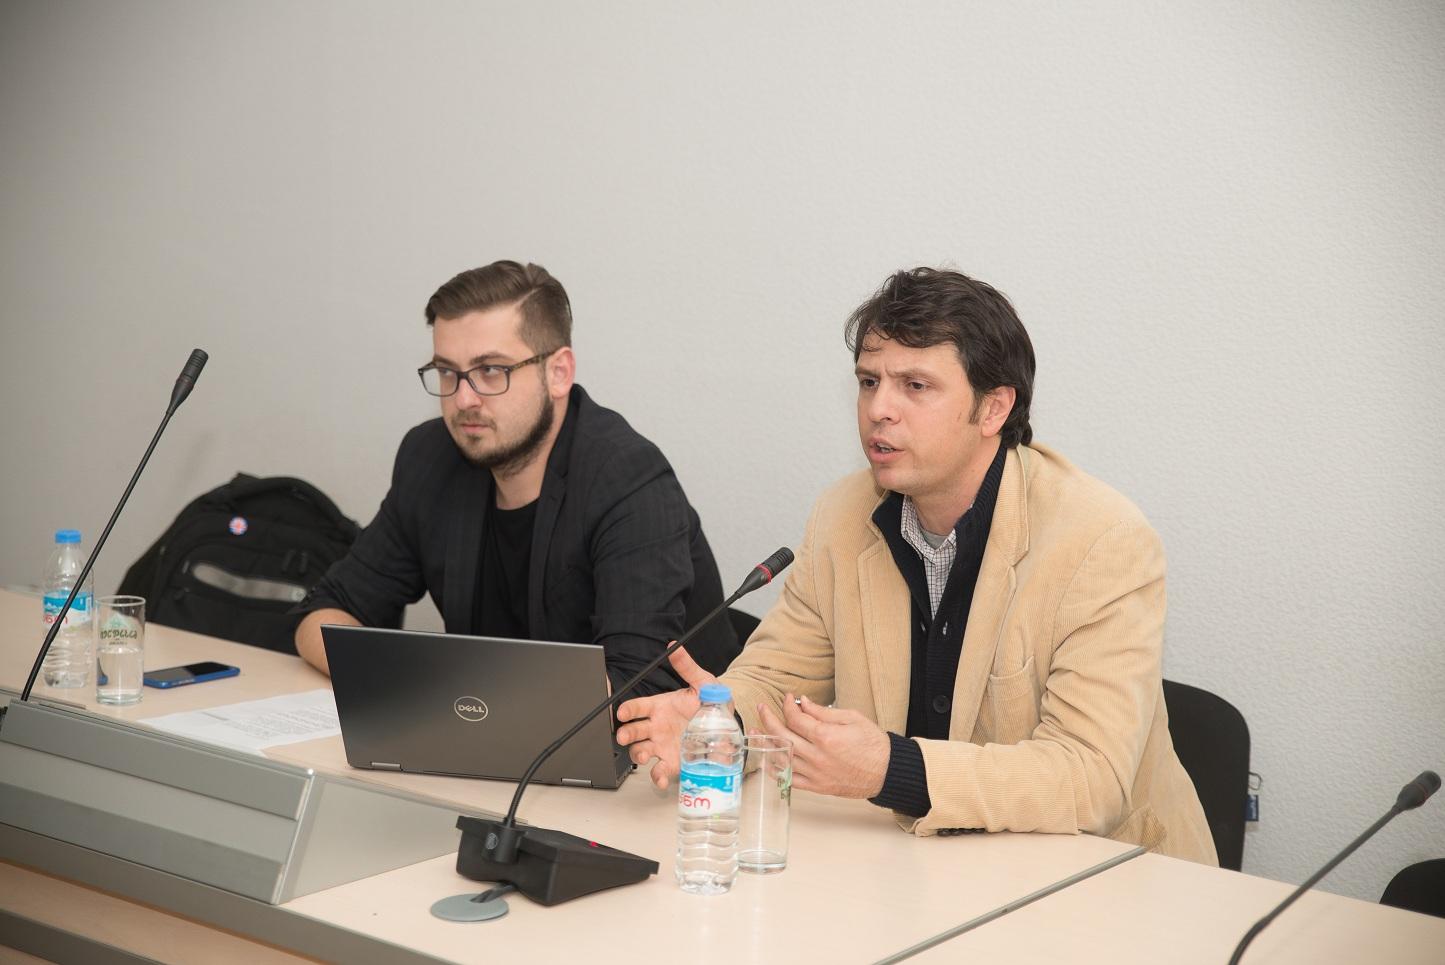 საჯარო ლექცია – გამოხატვის თავისუფლება და გაუმჟღავნებლობის ინსტიტუტი ქართულ კანონმდებლობაში